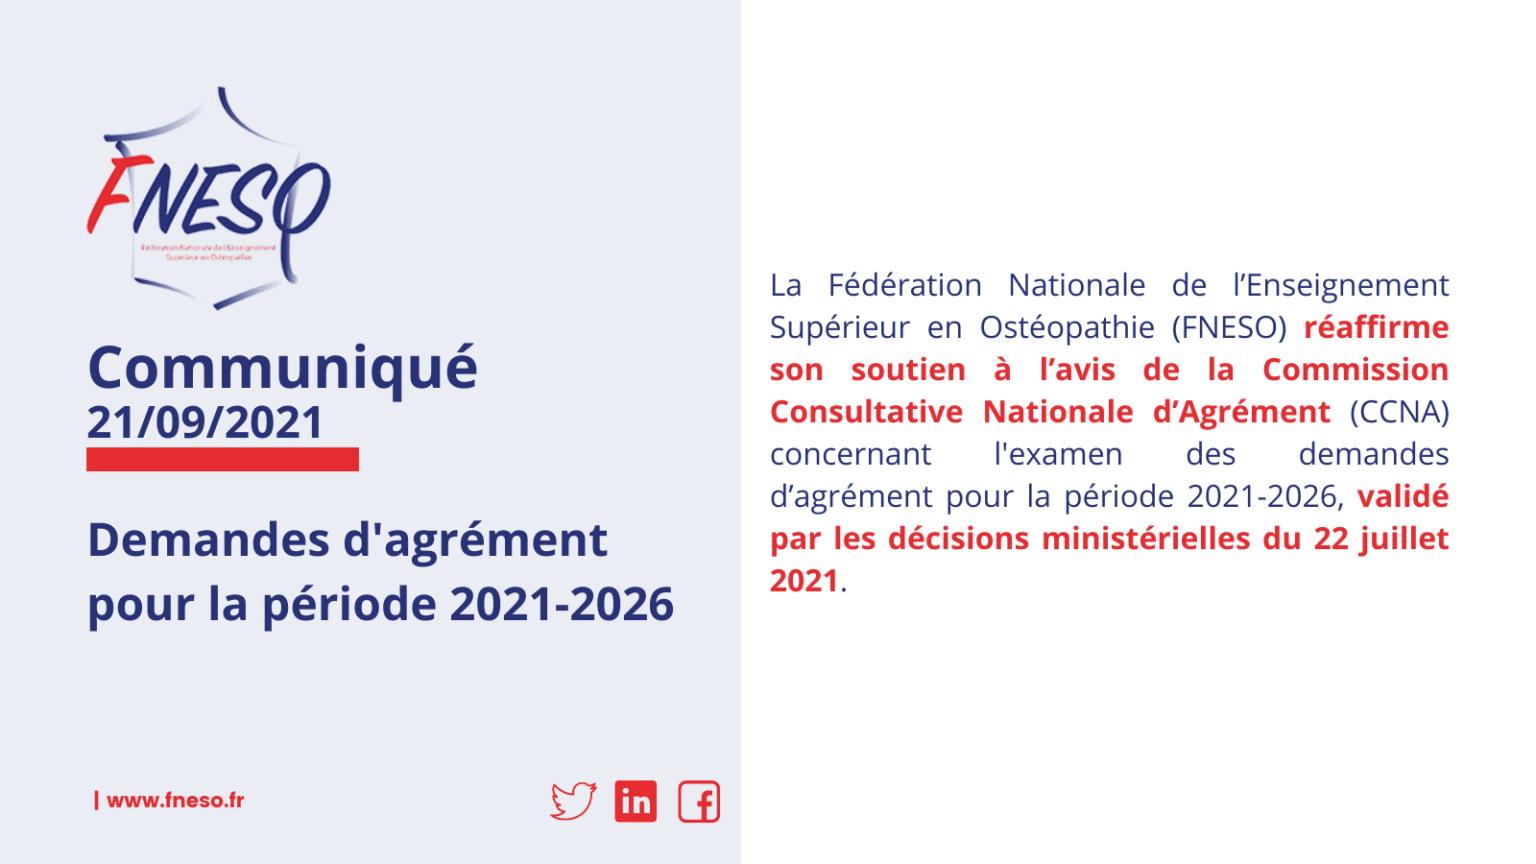 La FNESO réaffirme son soutien à l'avis de la Commission Consultative Nationale d'Agrément (CCNA) concernant l'examen des demandes d'agrément pour la période 2021-2026.